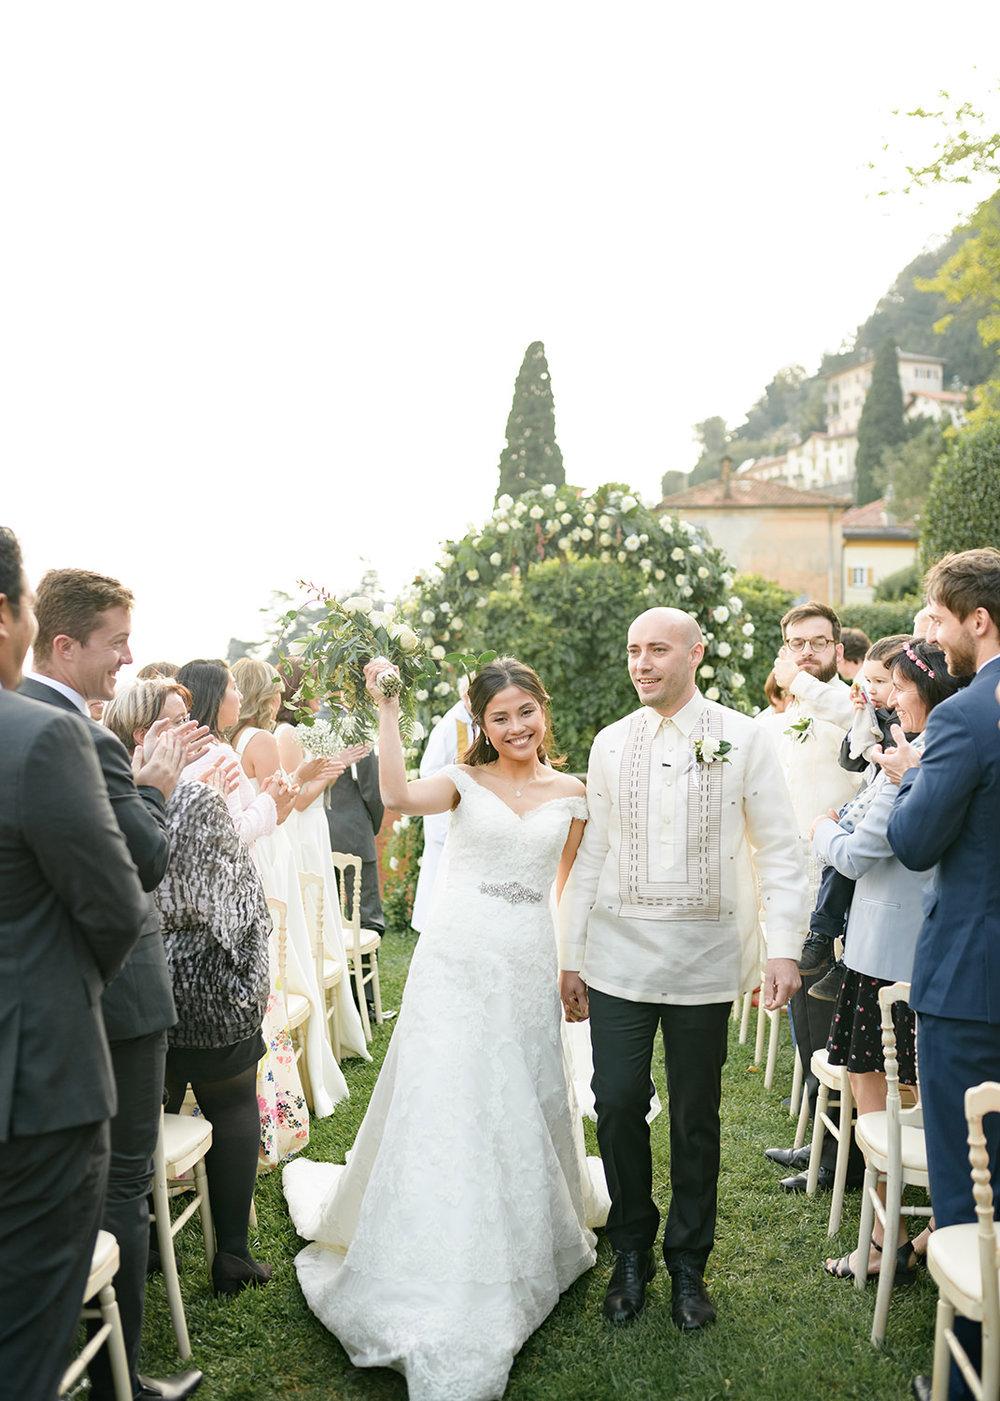 villa-regina-teodolinda-wedding-photographer-C&B-©bottega53-64.JPG